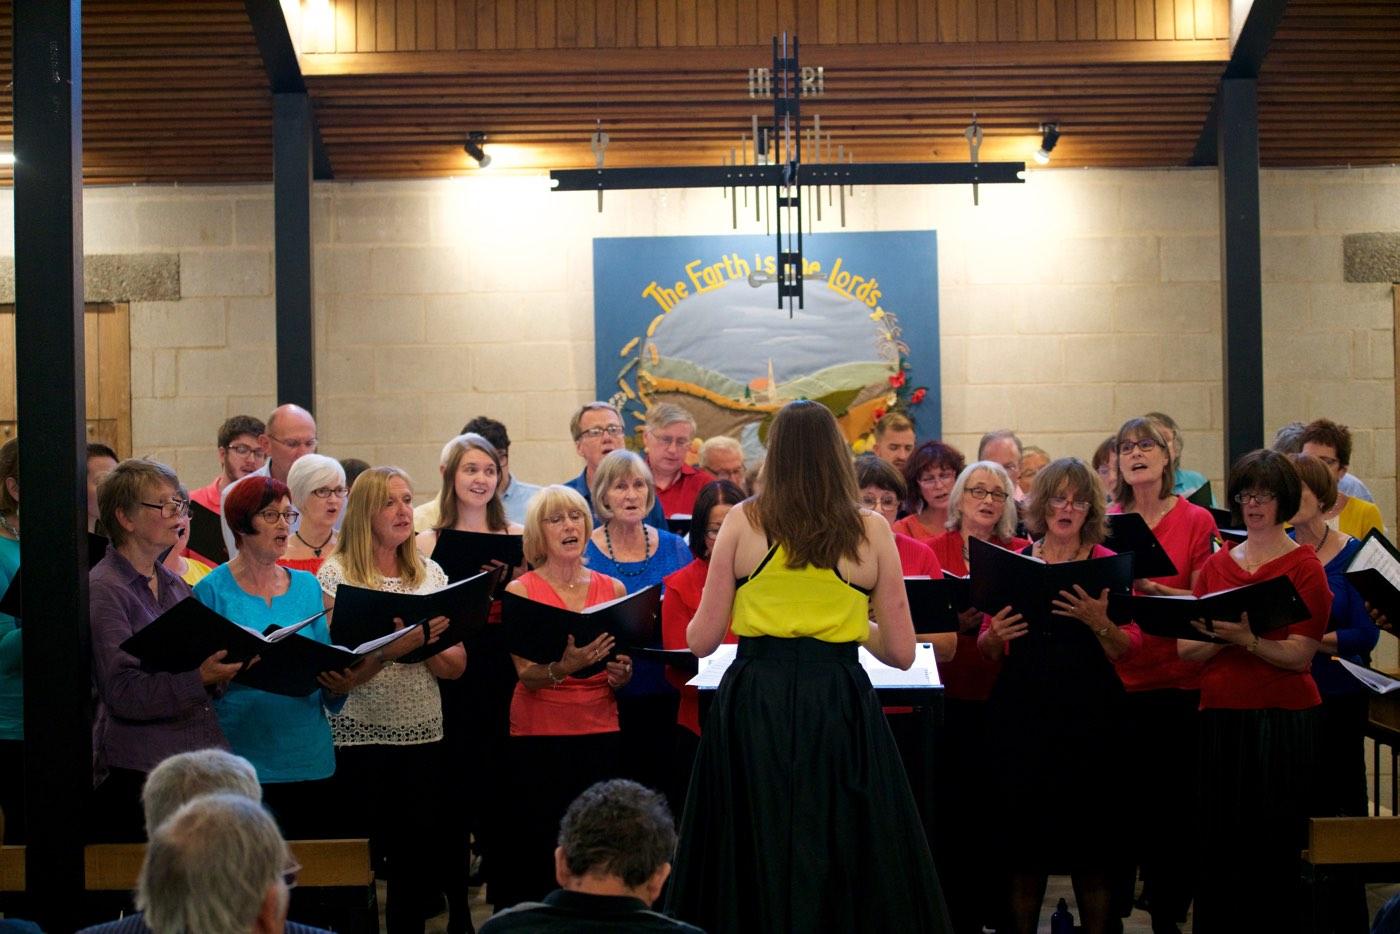 Cantar Community Choir